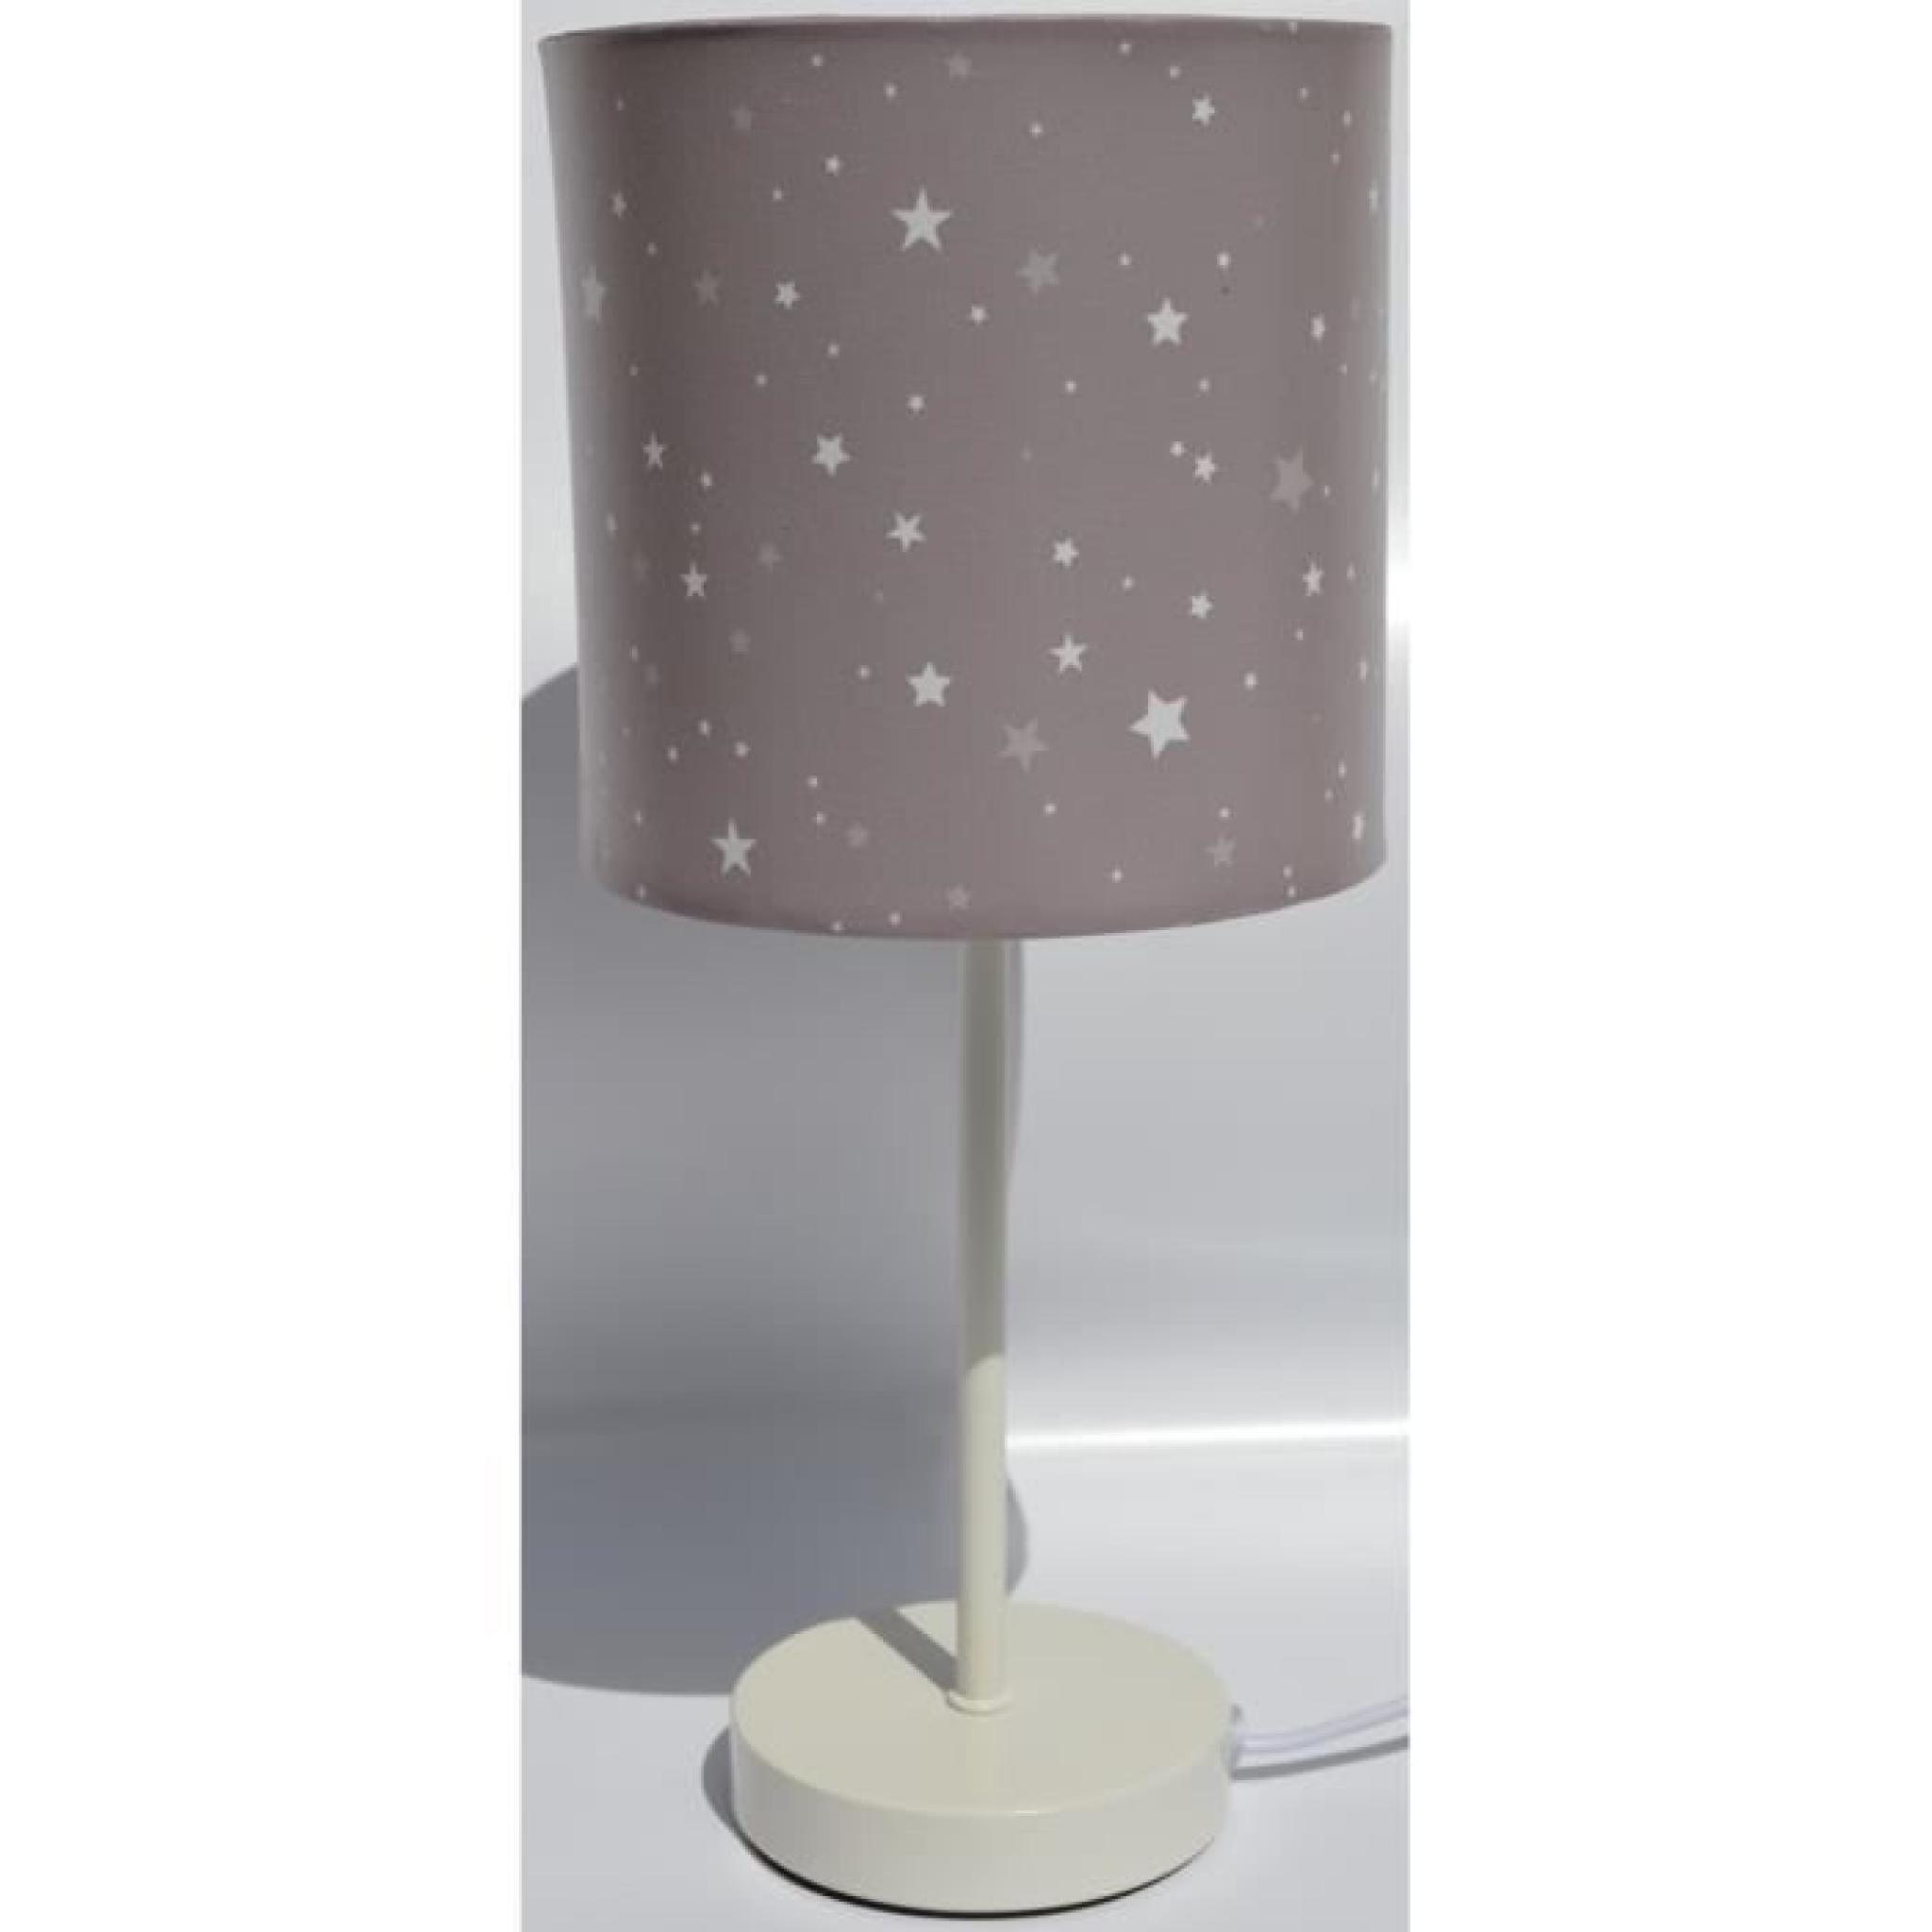 Lampe De Chevet Abat Jour Couleur Taupe Etoile